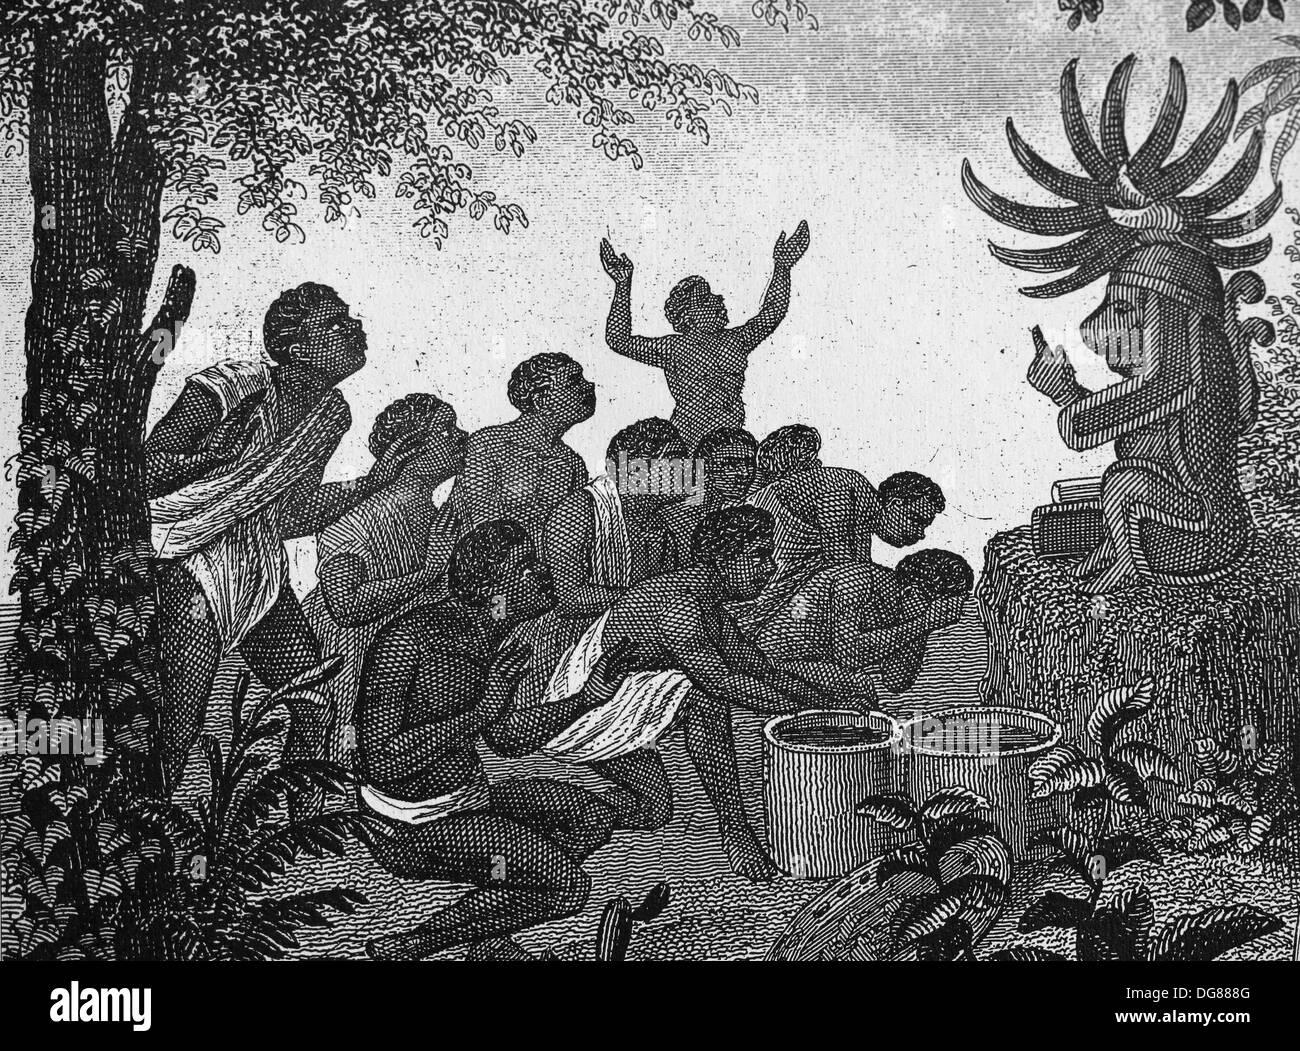 La religione. L idolatria in Africa centrale. Immagine di culto. Incisione Immagini Stock